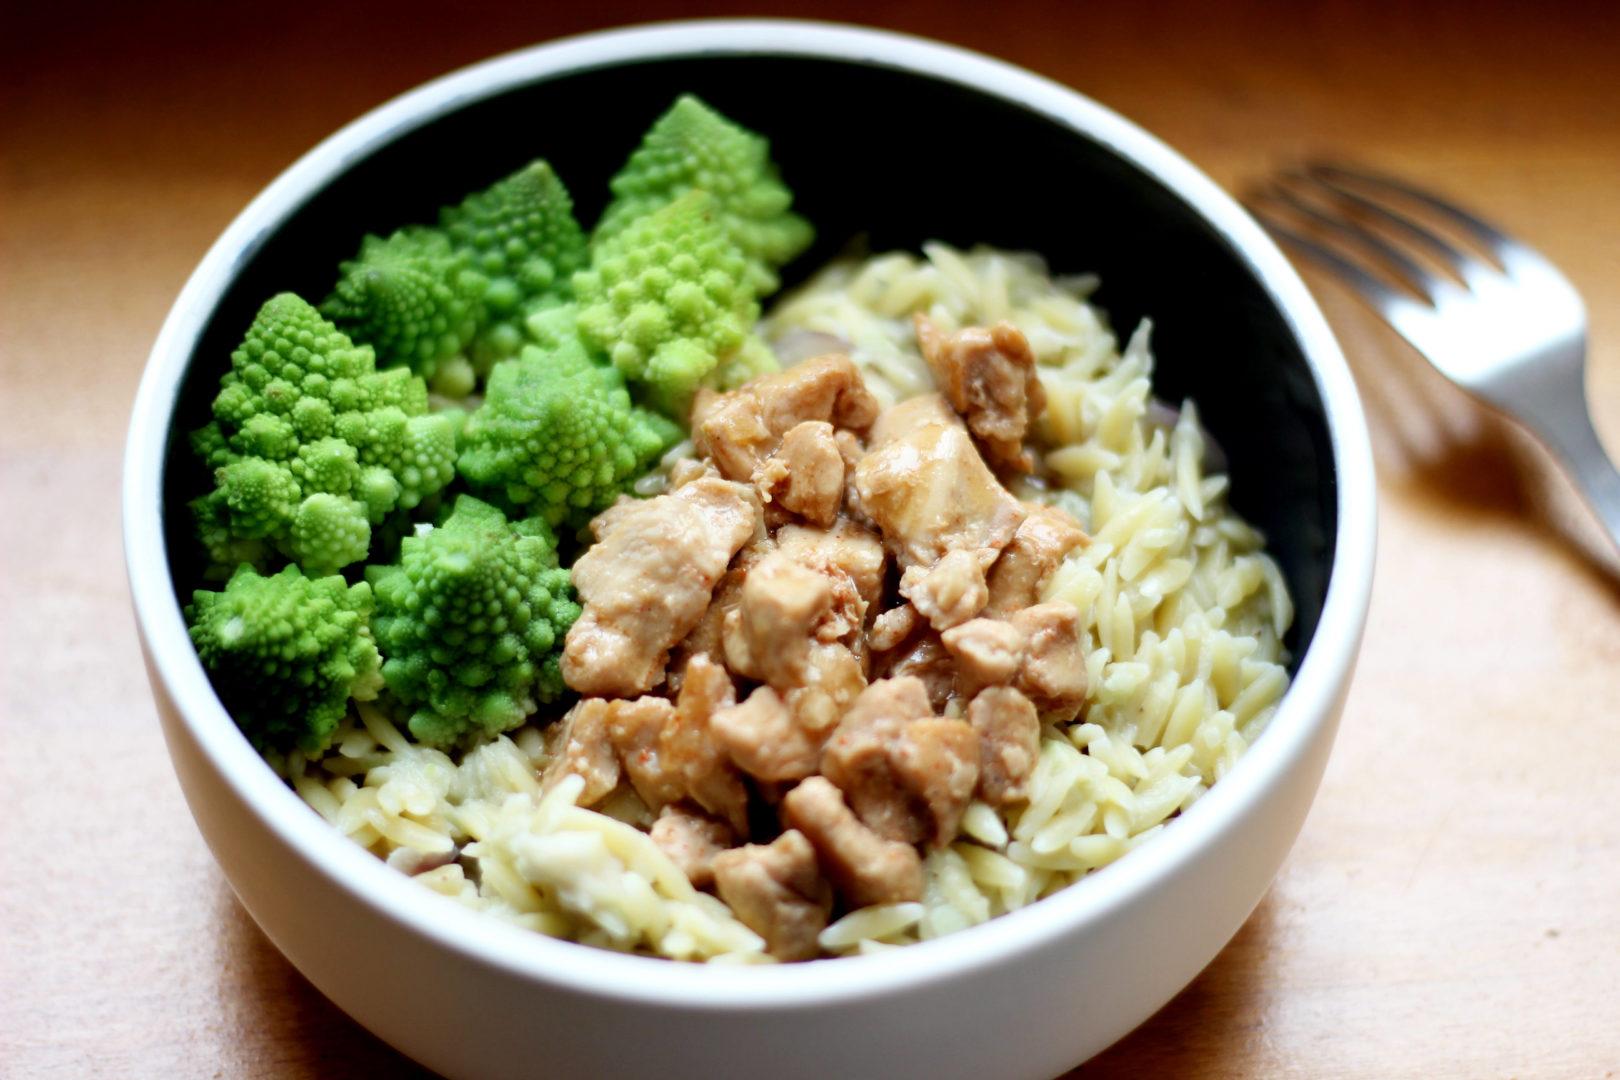 émincé-poulet-sauce-soja-gingembre-pates-avoine-christophine-lait-coco